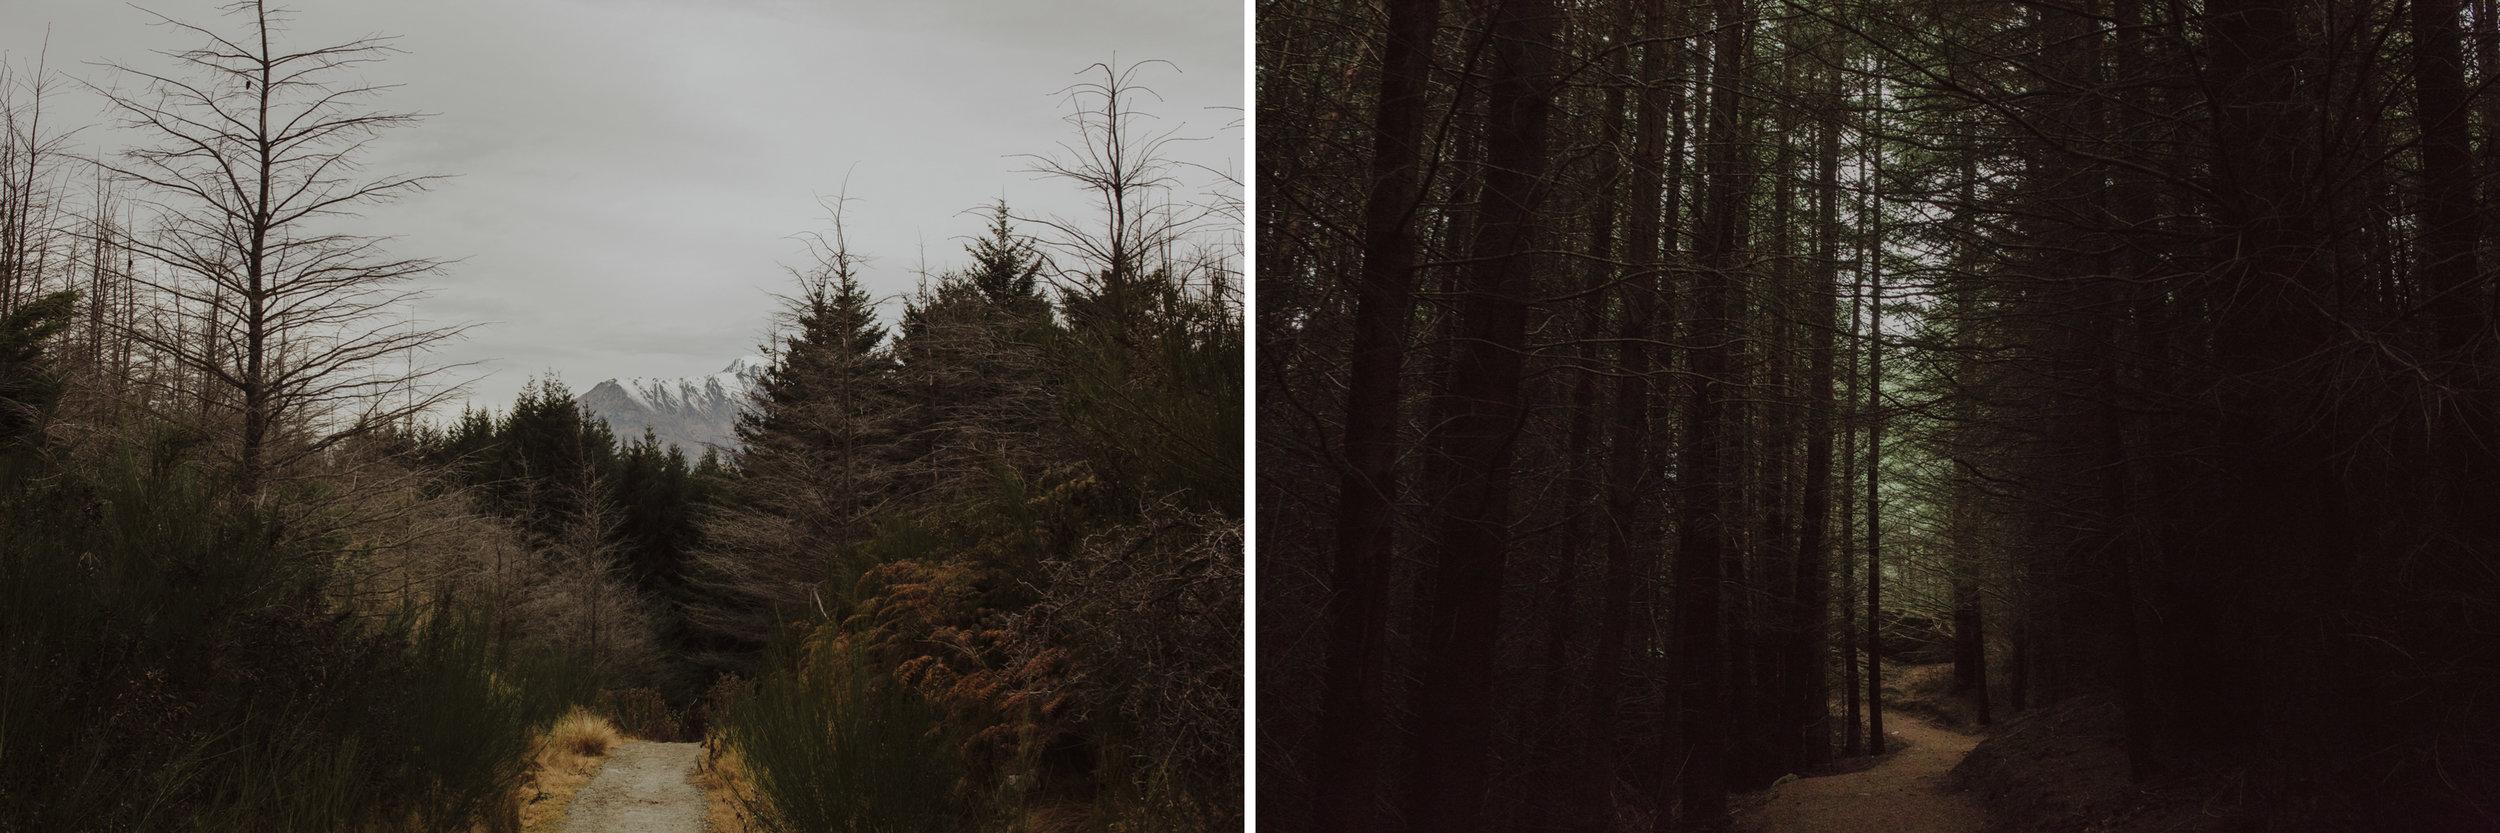 ElizaJadePhotography-10.jpg